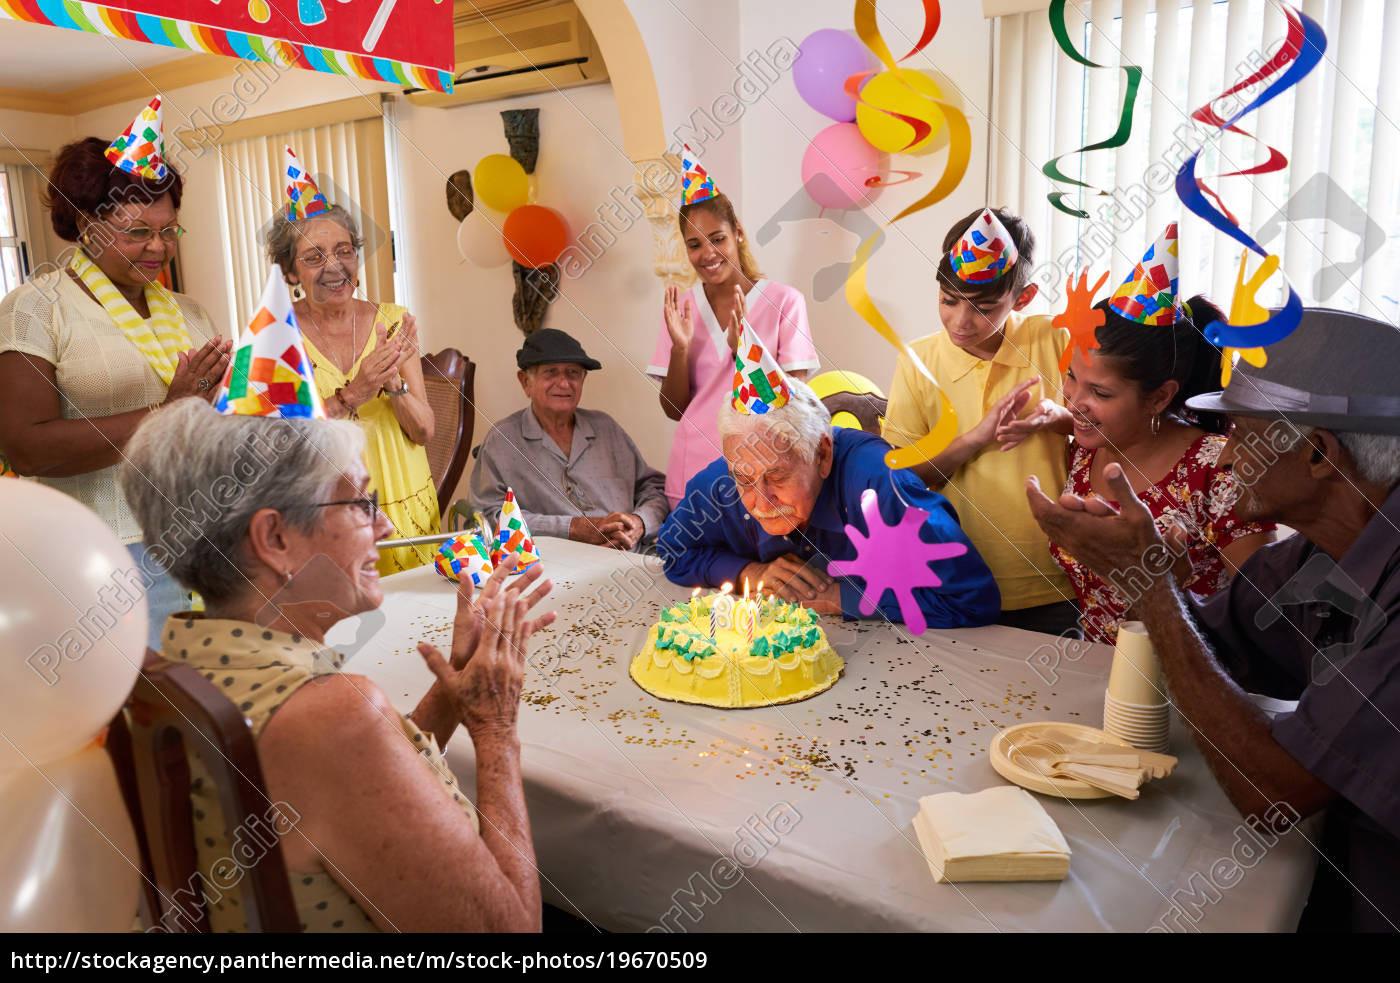 Geburtstagsfeier  familientreffen für geburtstagsfeier feier in altenheim